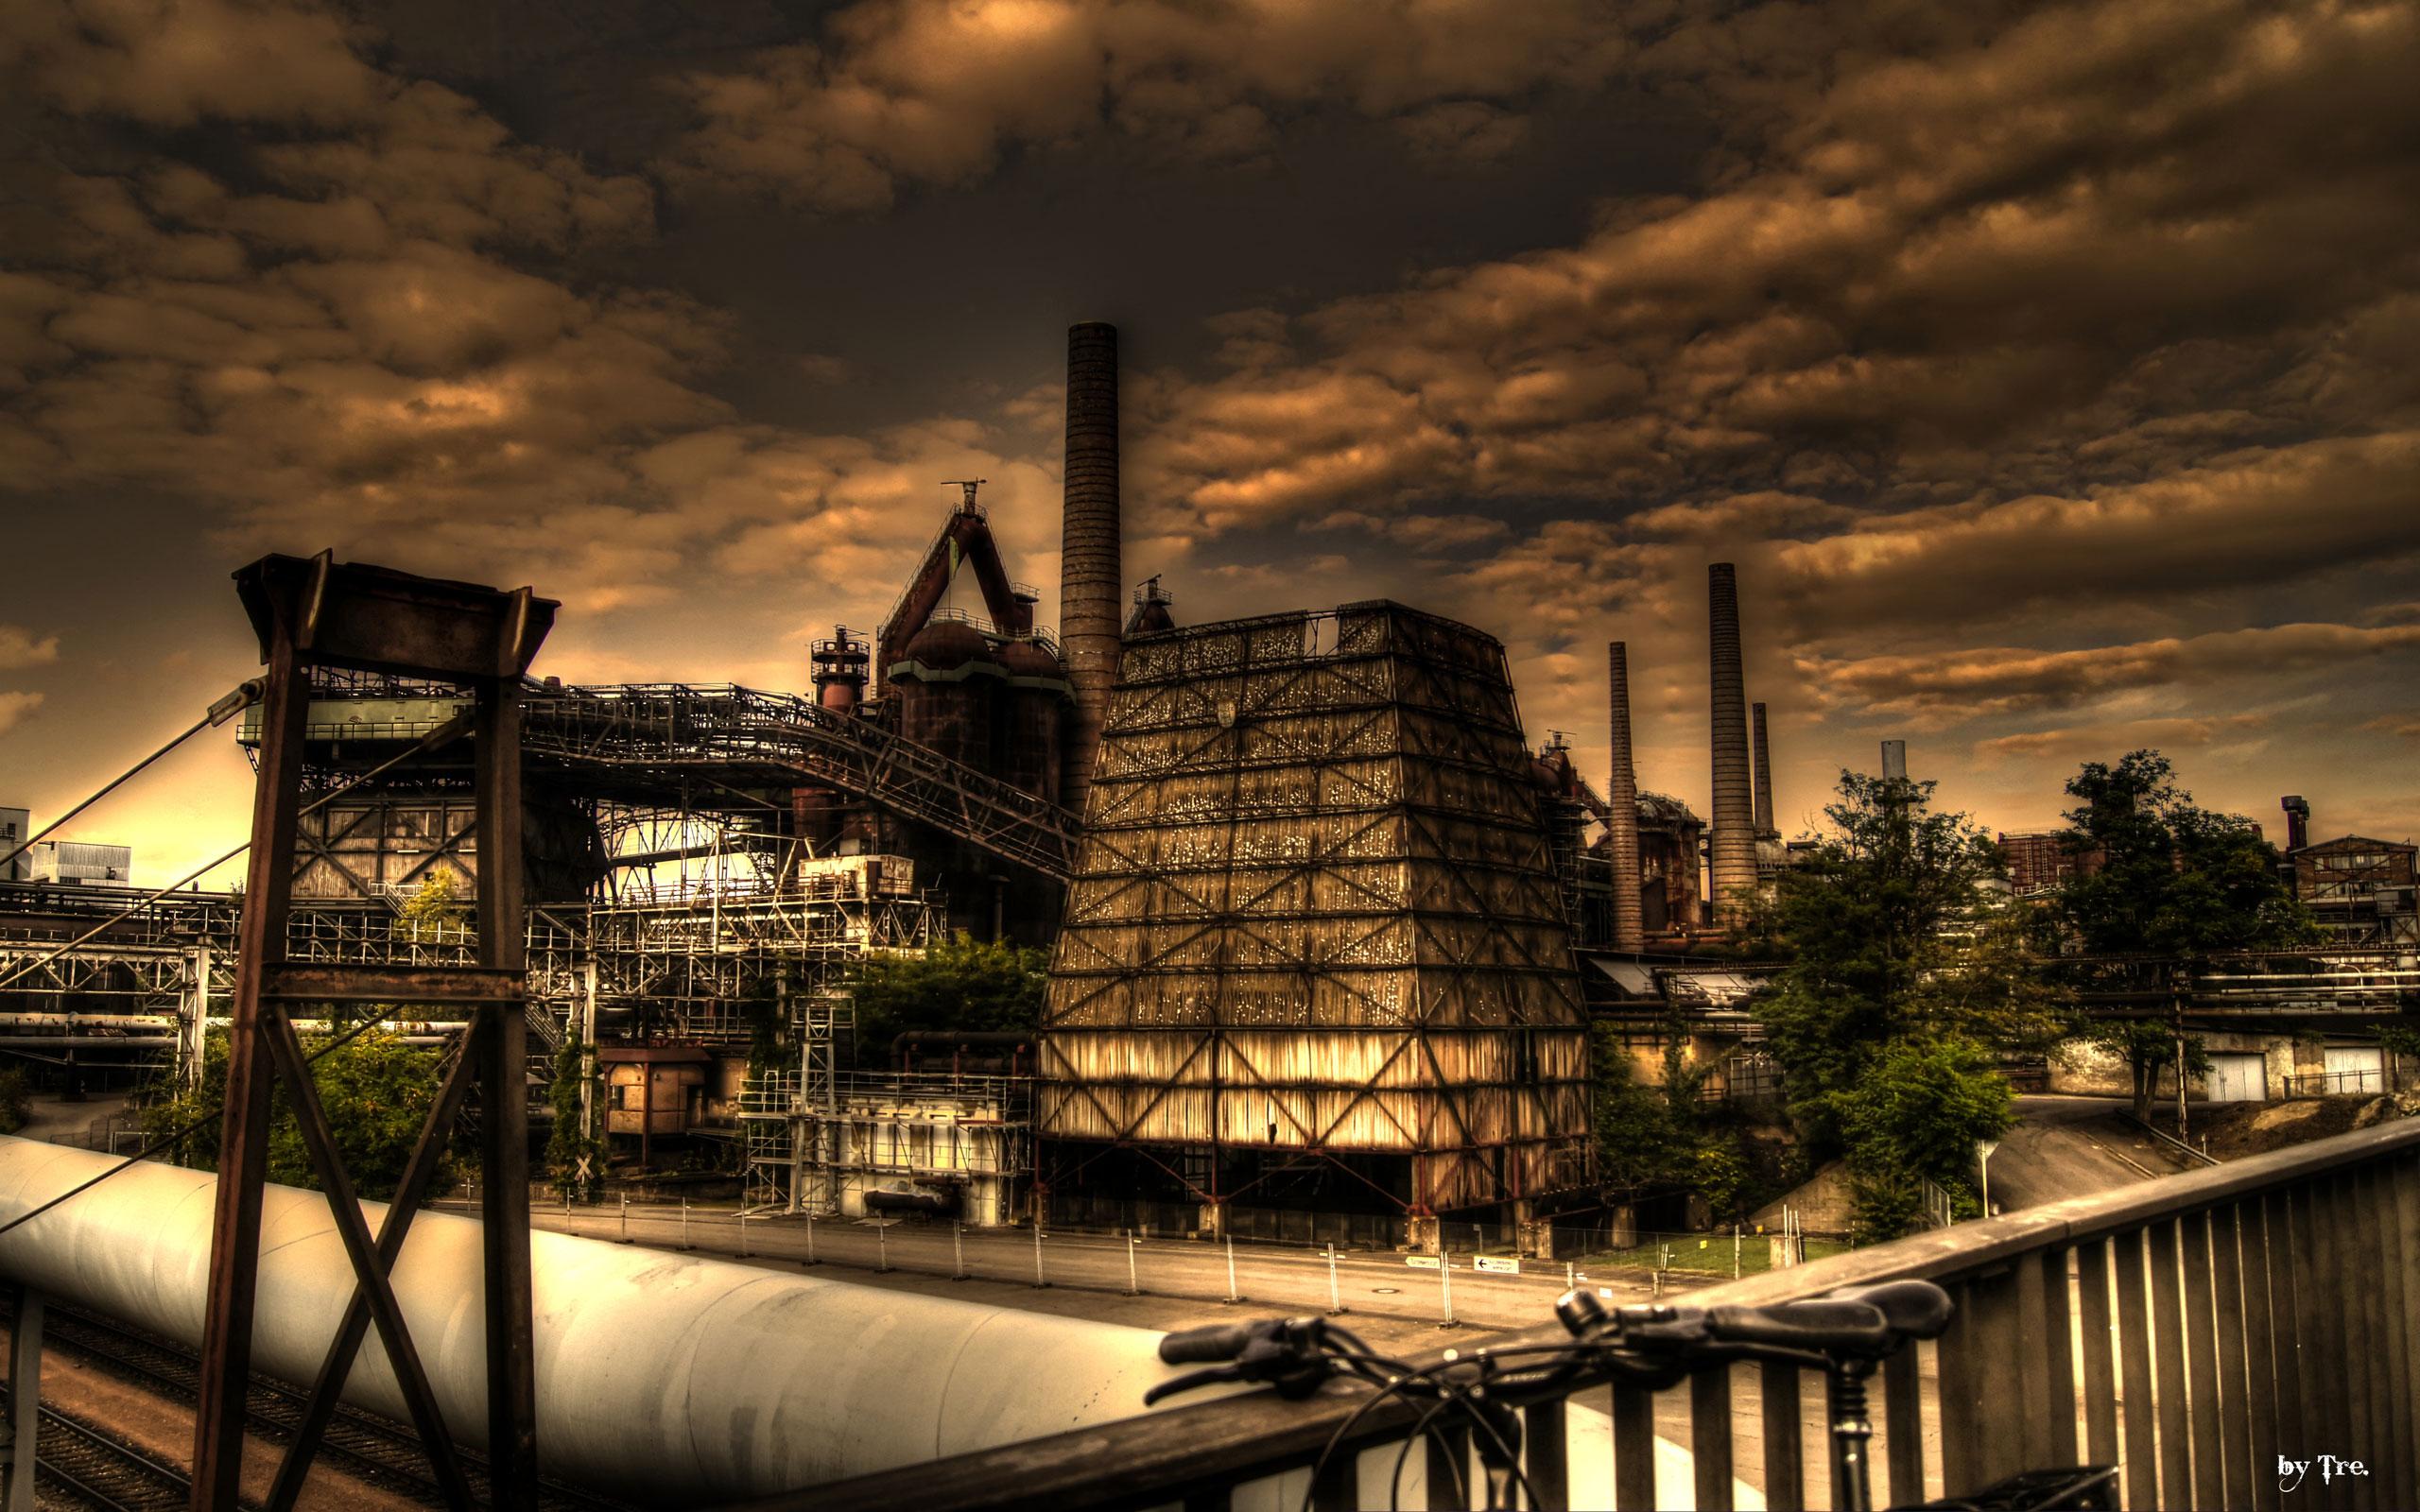 Industrial Wallpaper - WallpaperSafari